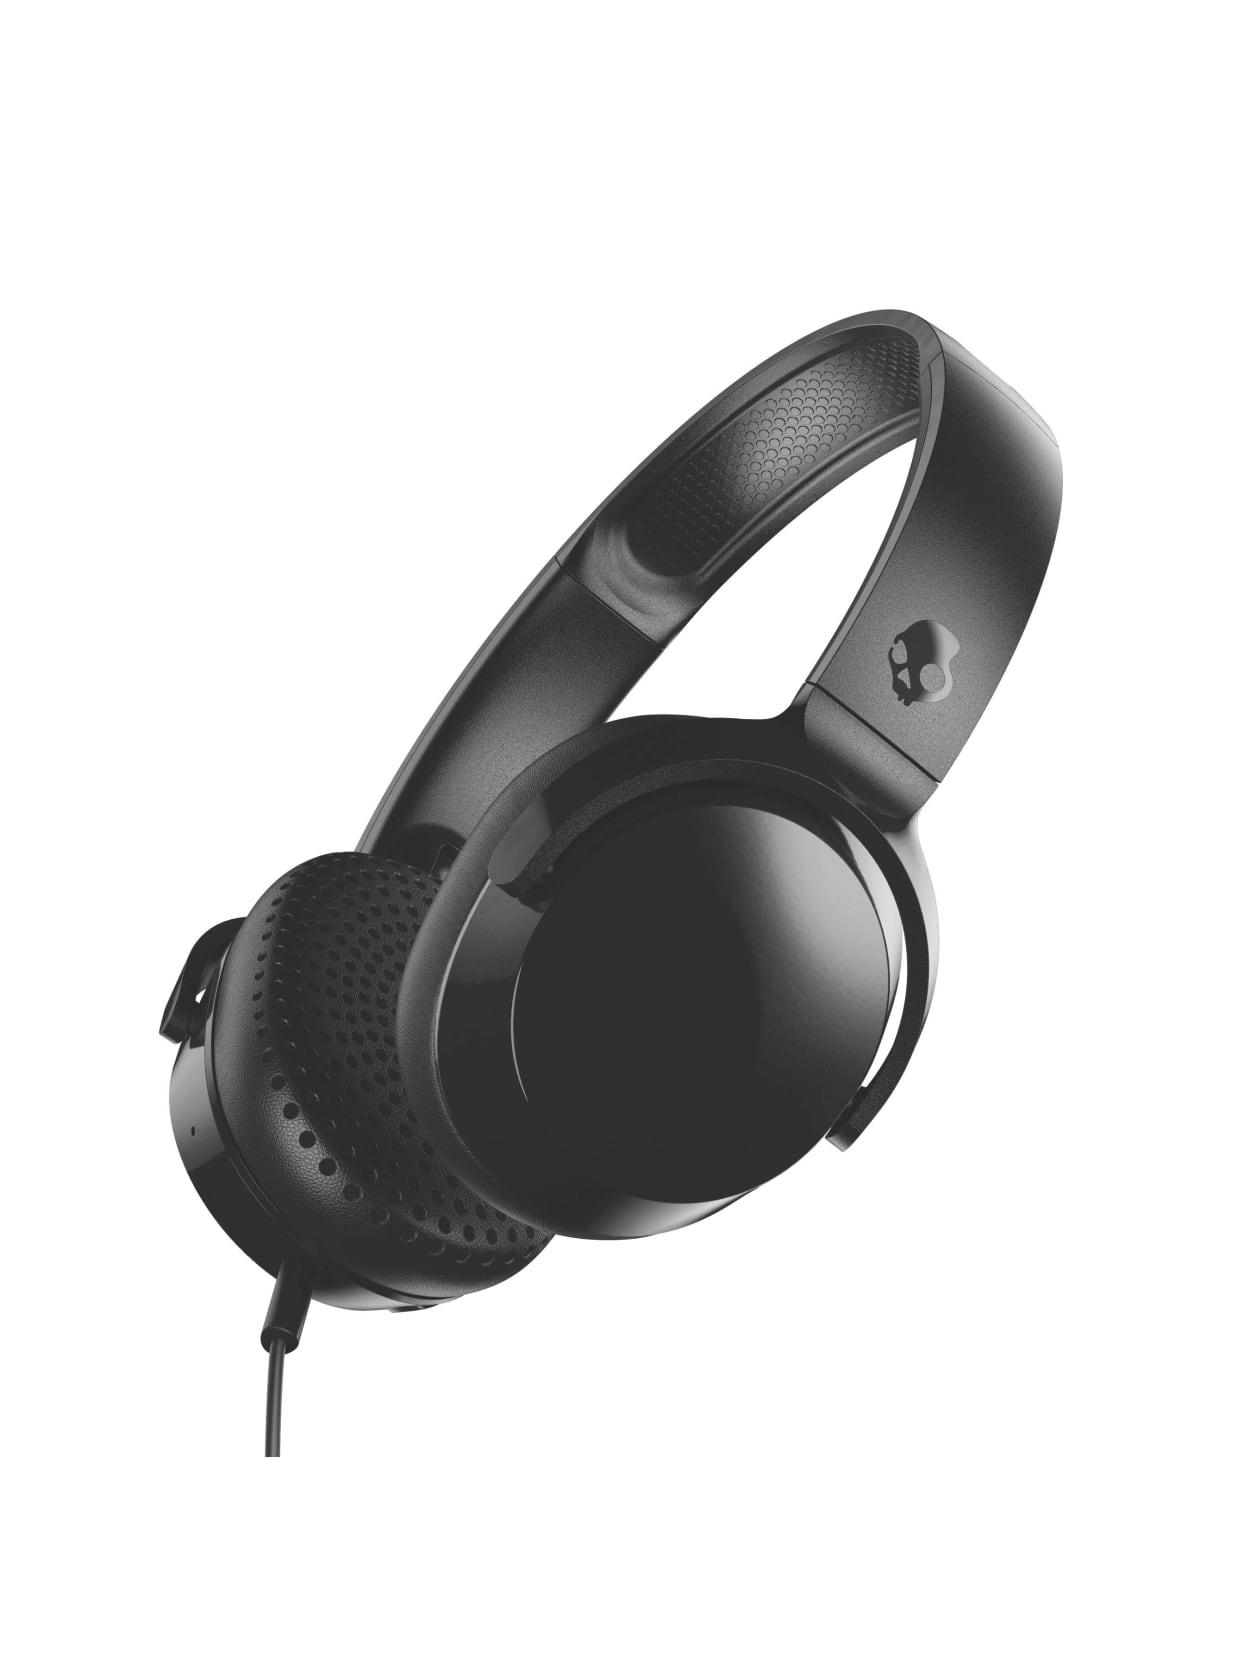 Punto muerto heredar tarde  Skullcandy Riff Headphones Black S5PXY L003 - Office Depot